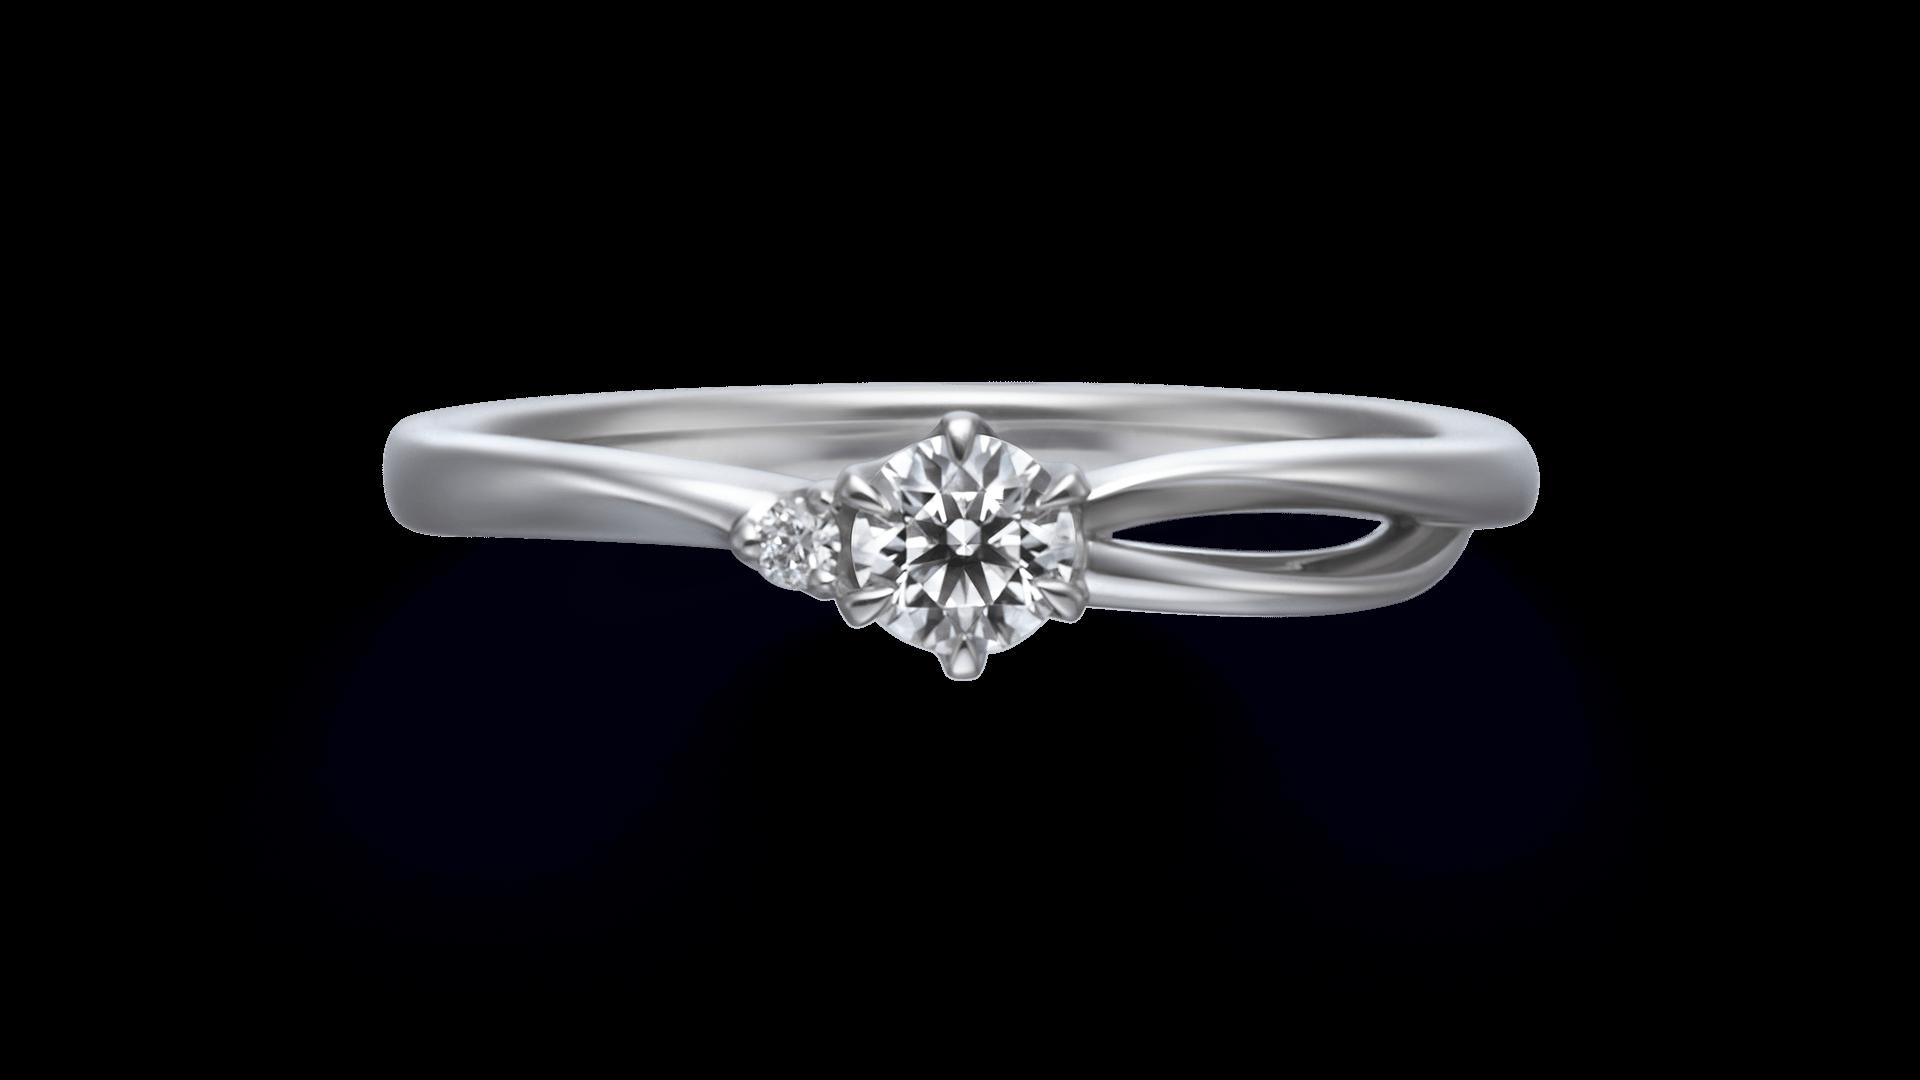 campanula カンパニュラ | 婚約指輪サムネイル 1